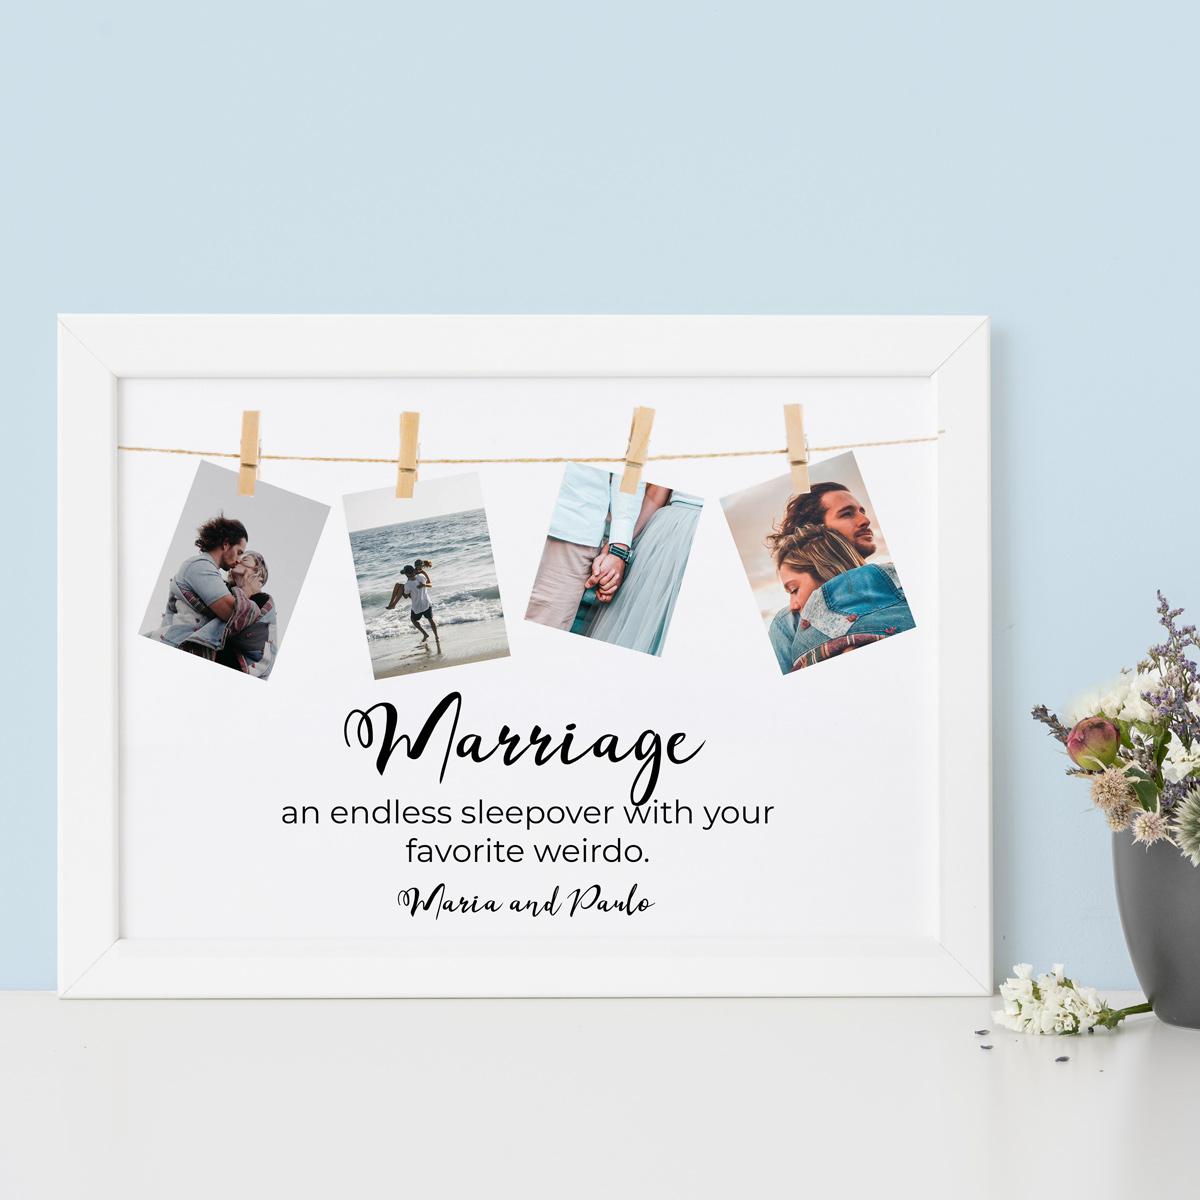 regali per l'anniversario di matrimonio poster con foto appese e testo